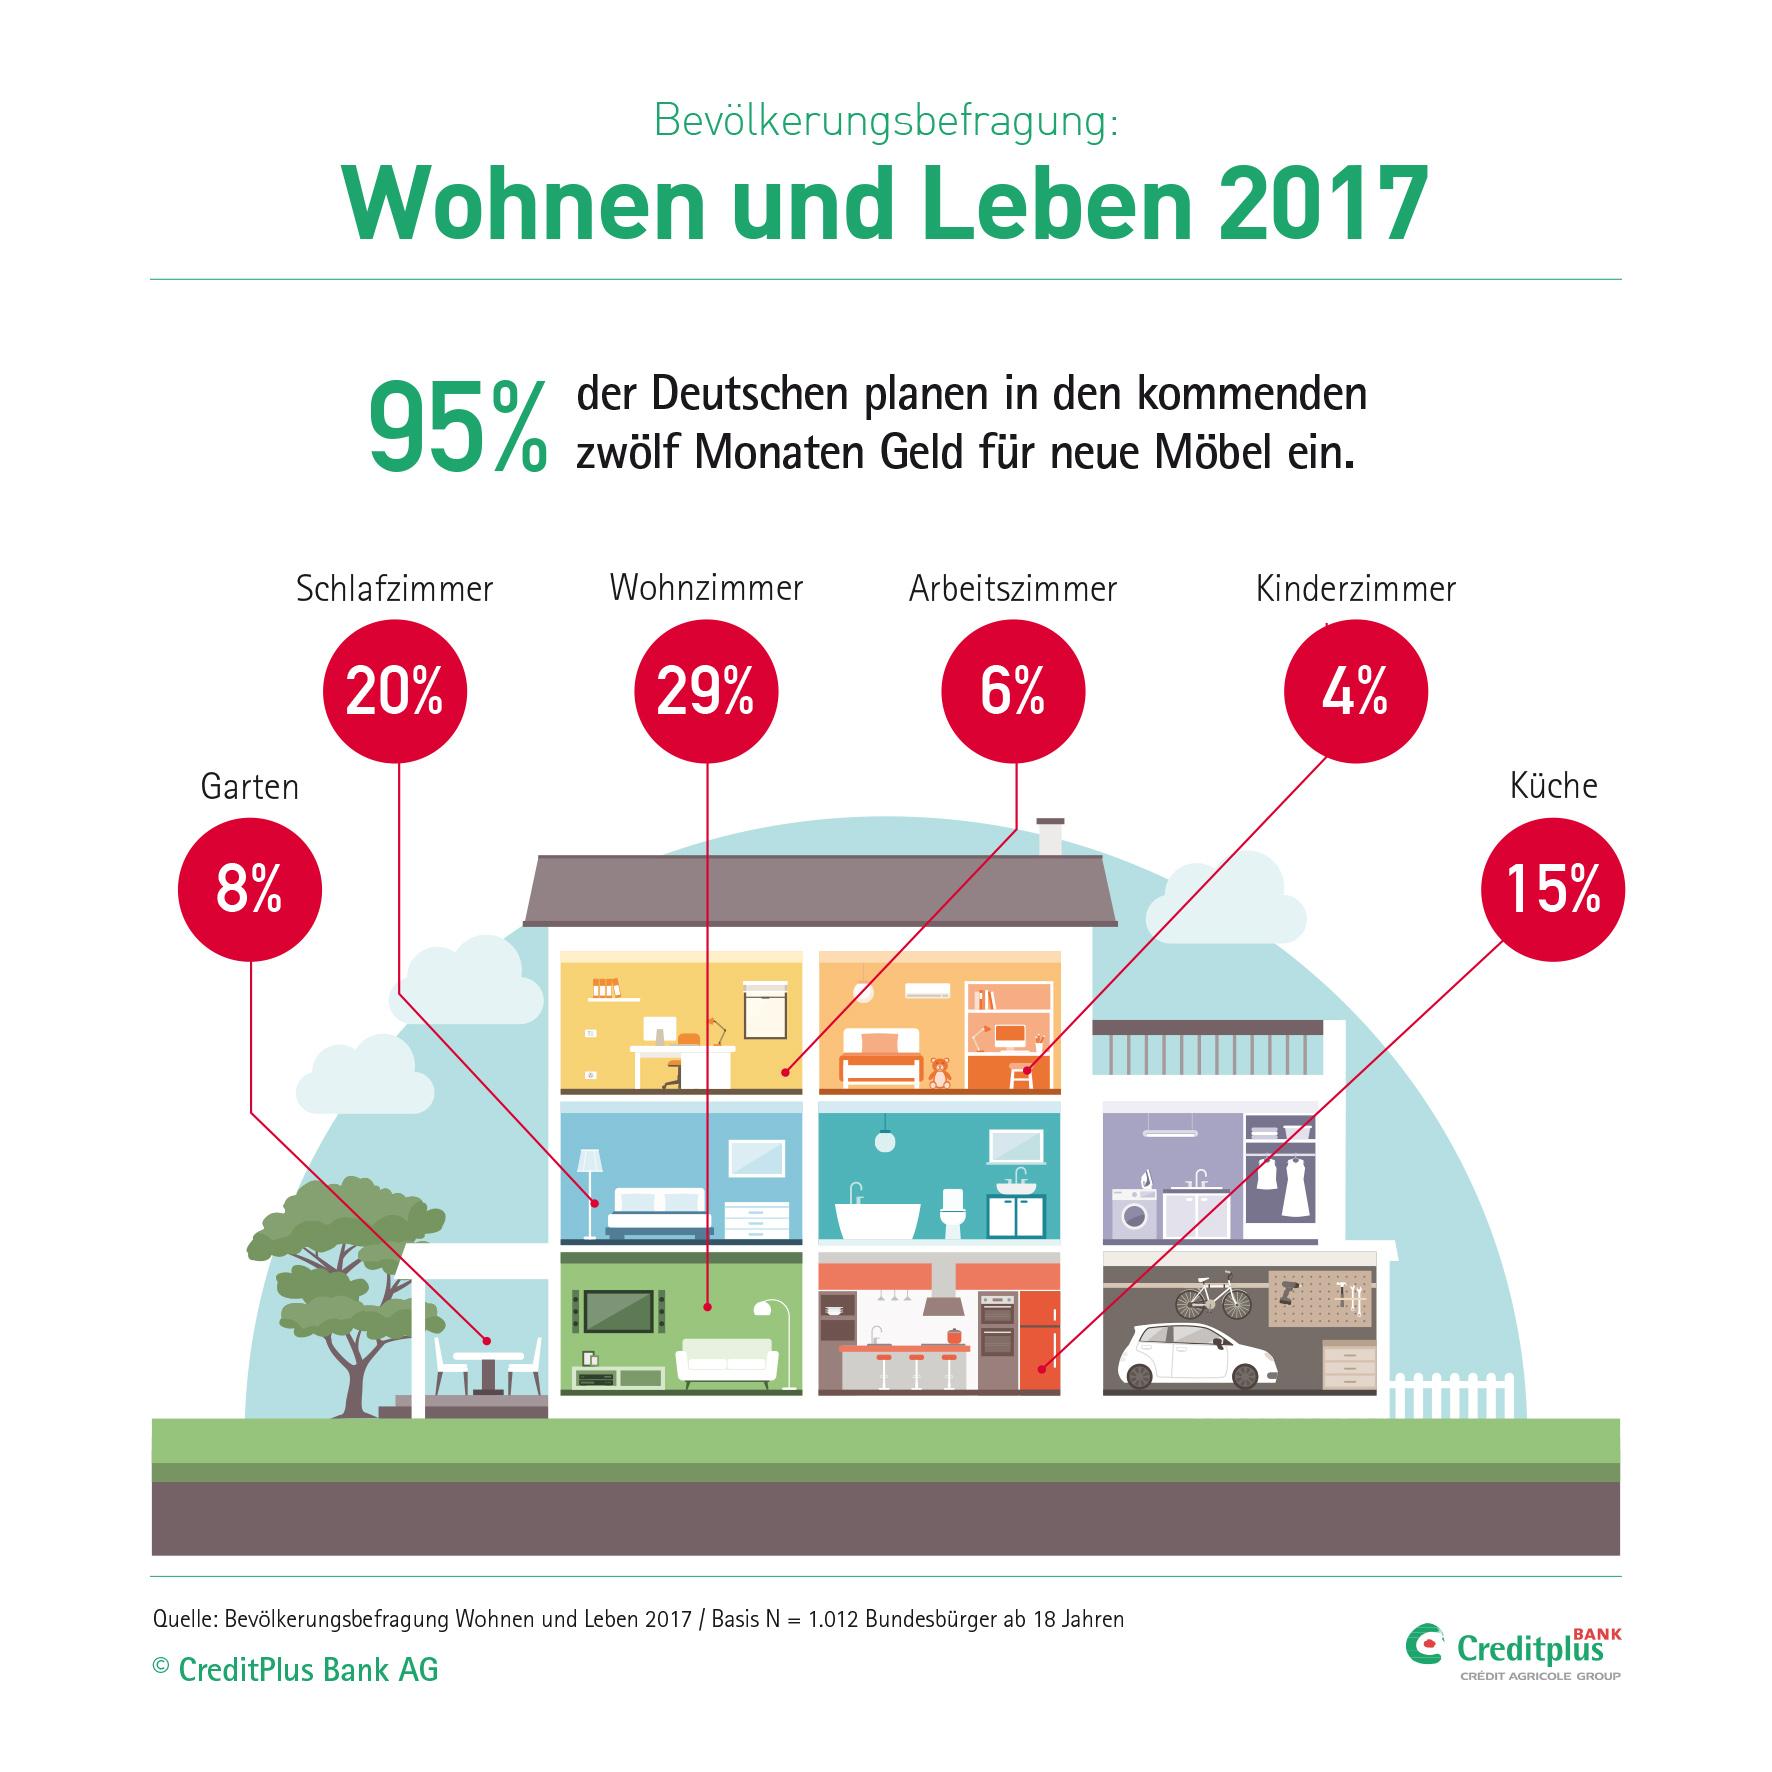 neue m bel in deutschen wohnungen stehen vorne auf der wunschlist. Black Bedroom Furniture Sets. Home Design Ideas